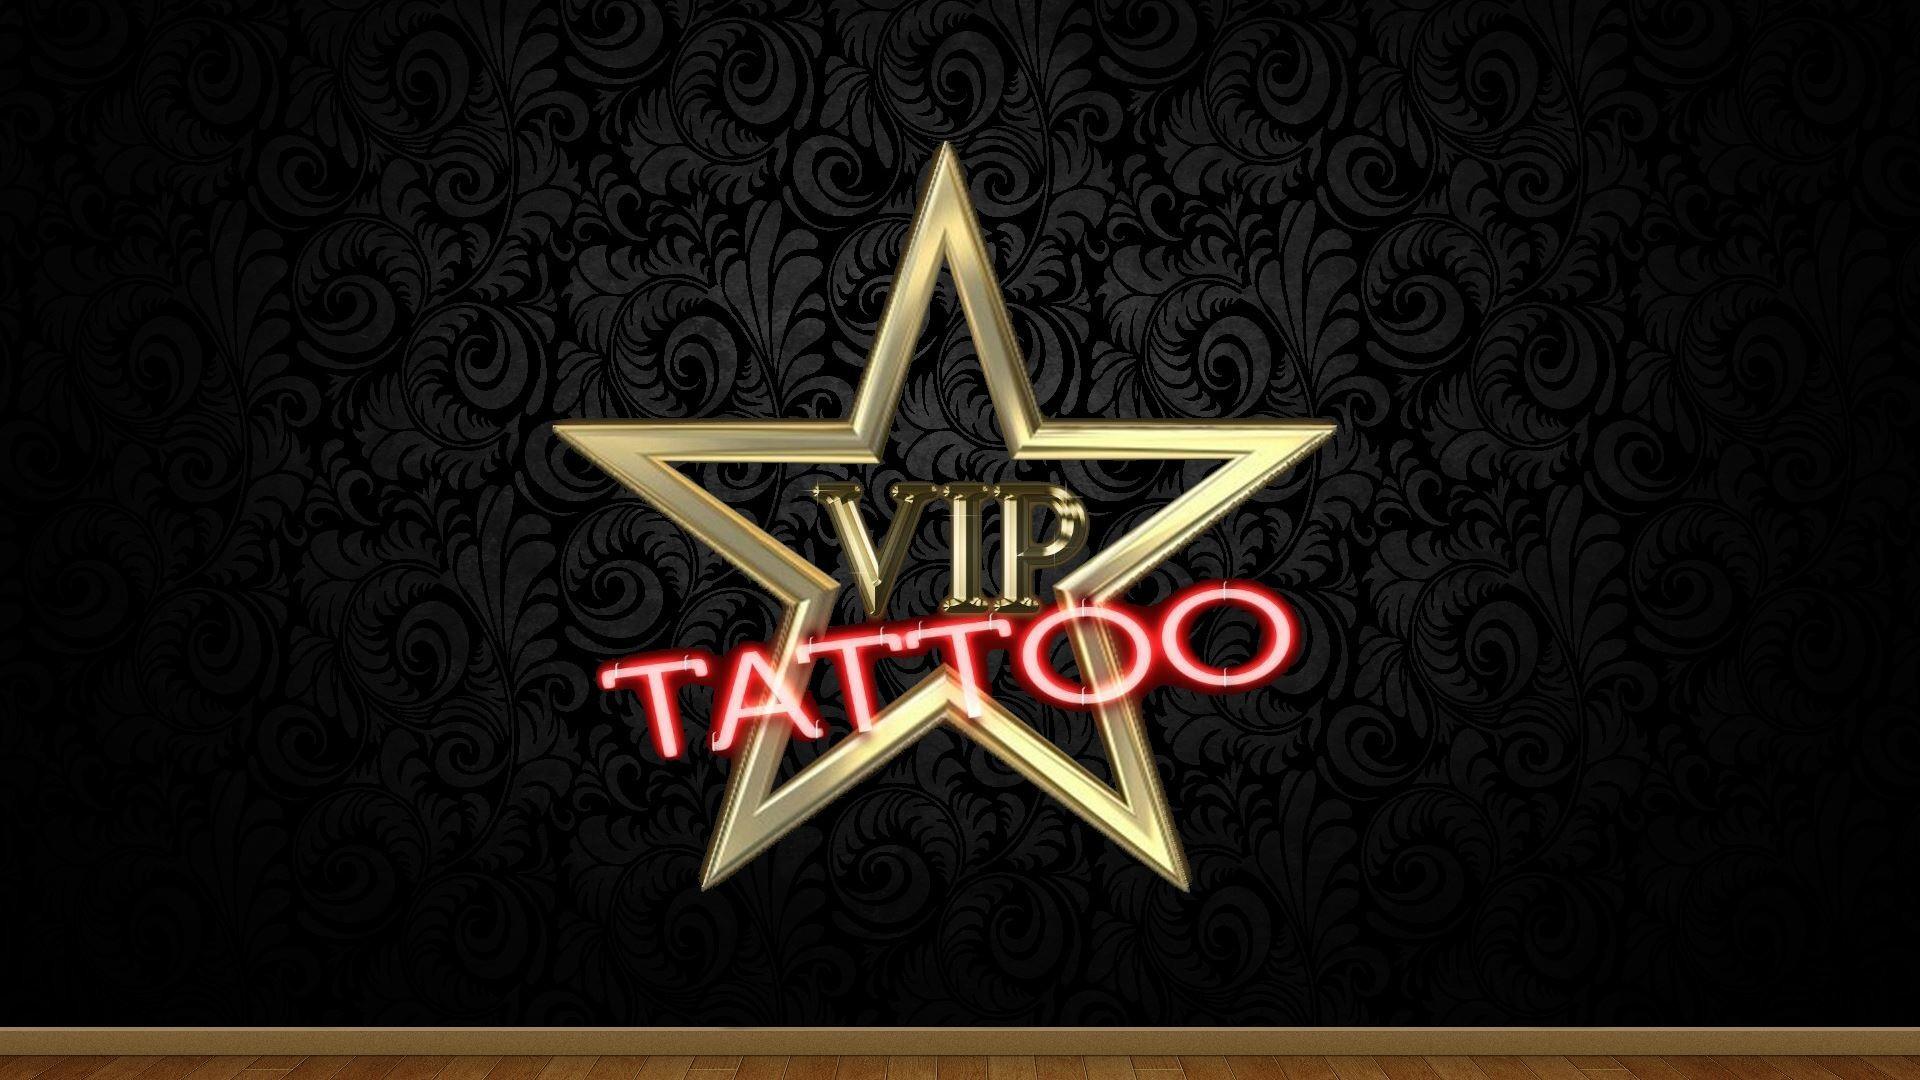 Si tu veux te faire un piercing ou un tatouage